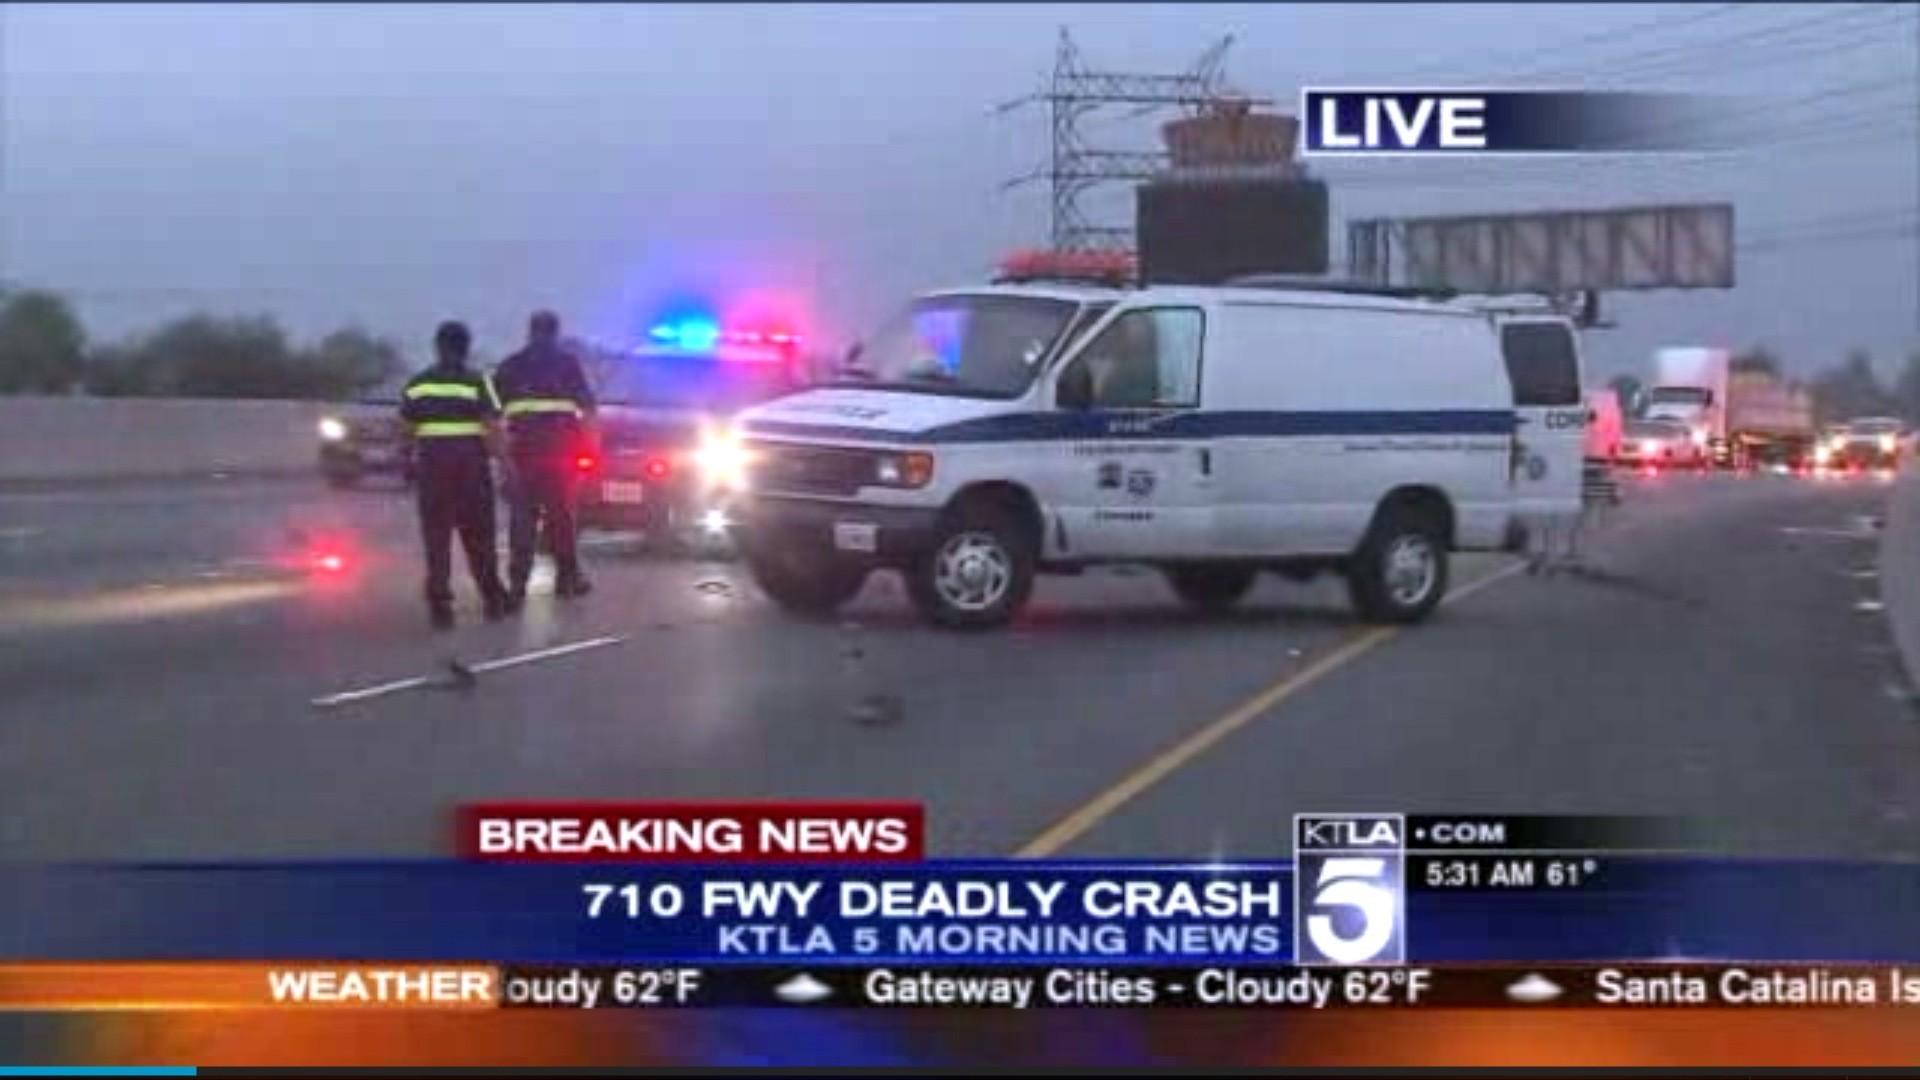 Sig Alert Issued On 710 Freeway After Fatal Crash 1 Driver Arrested